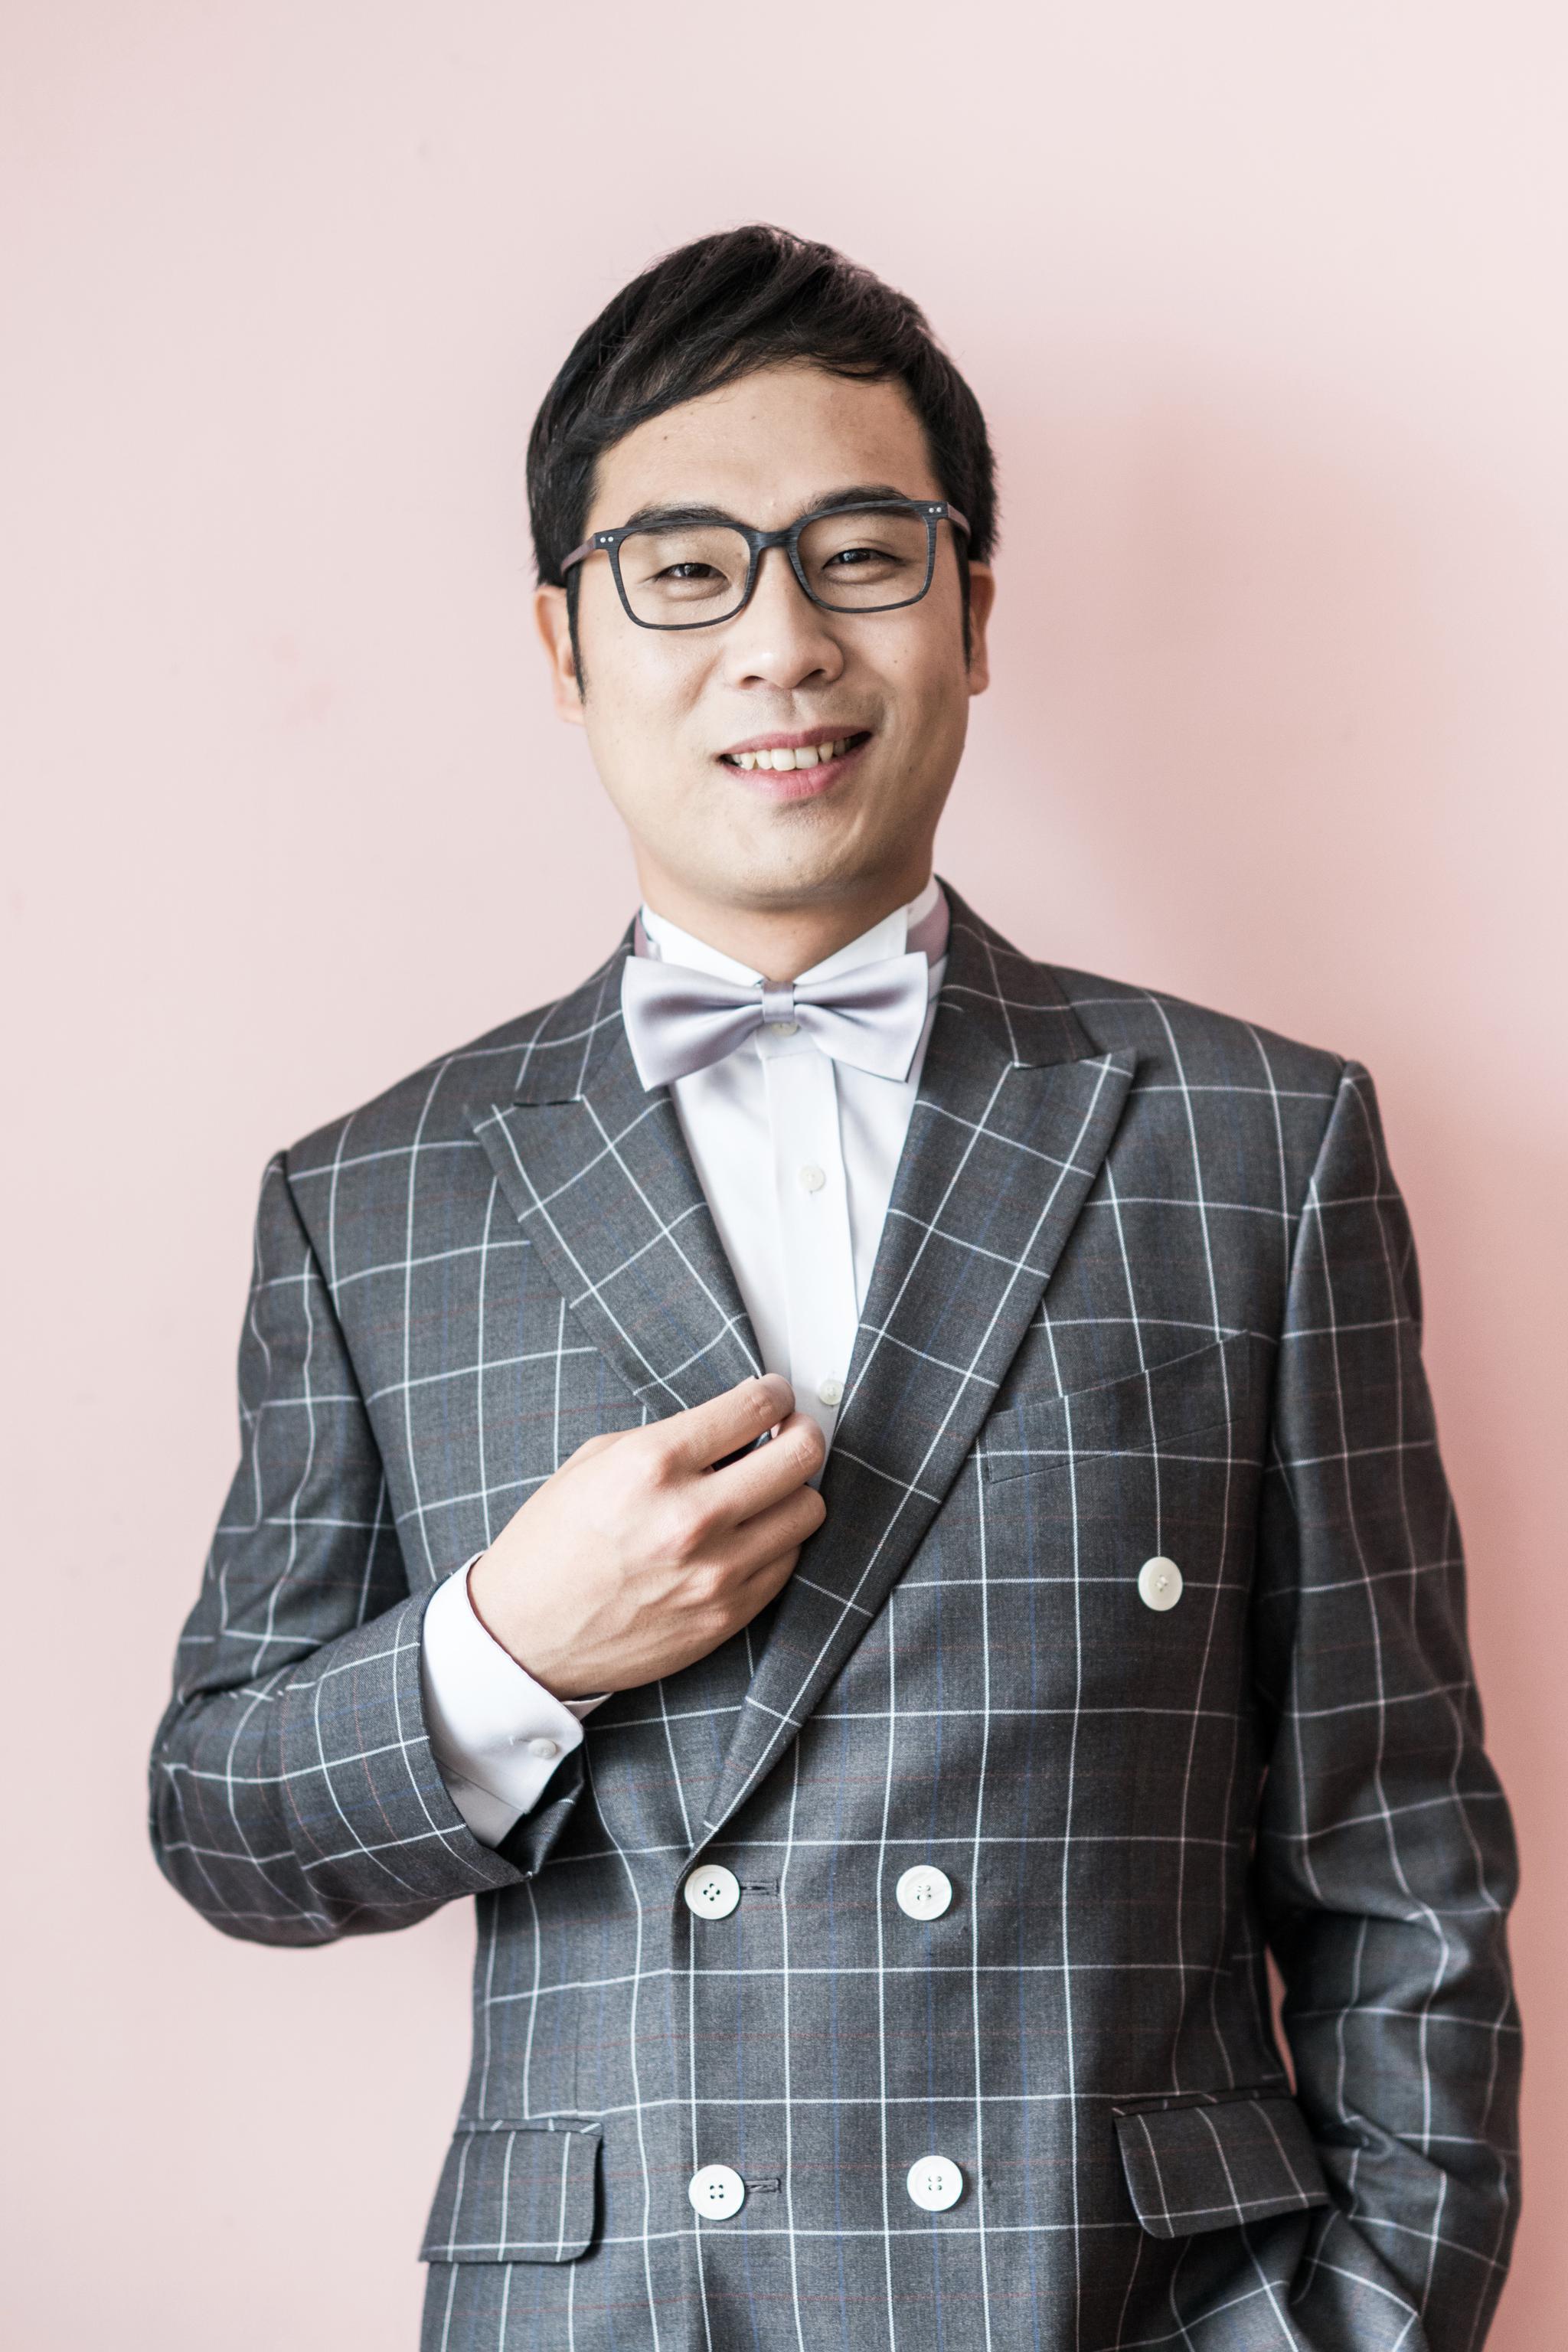 刘勇赫 亲子教育专家